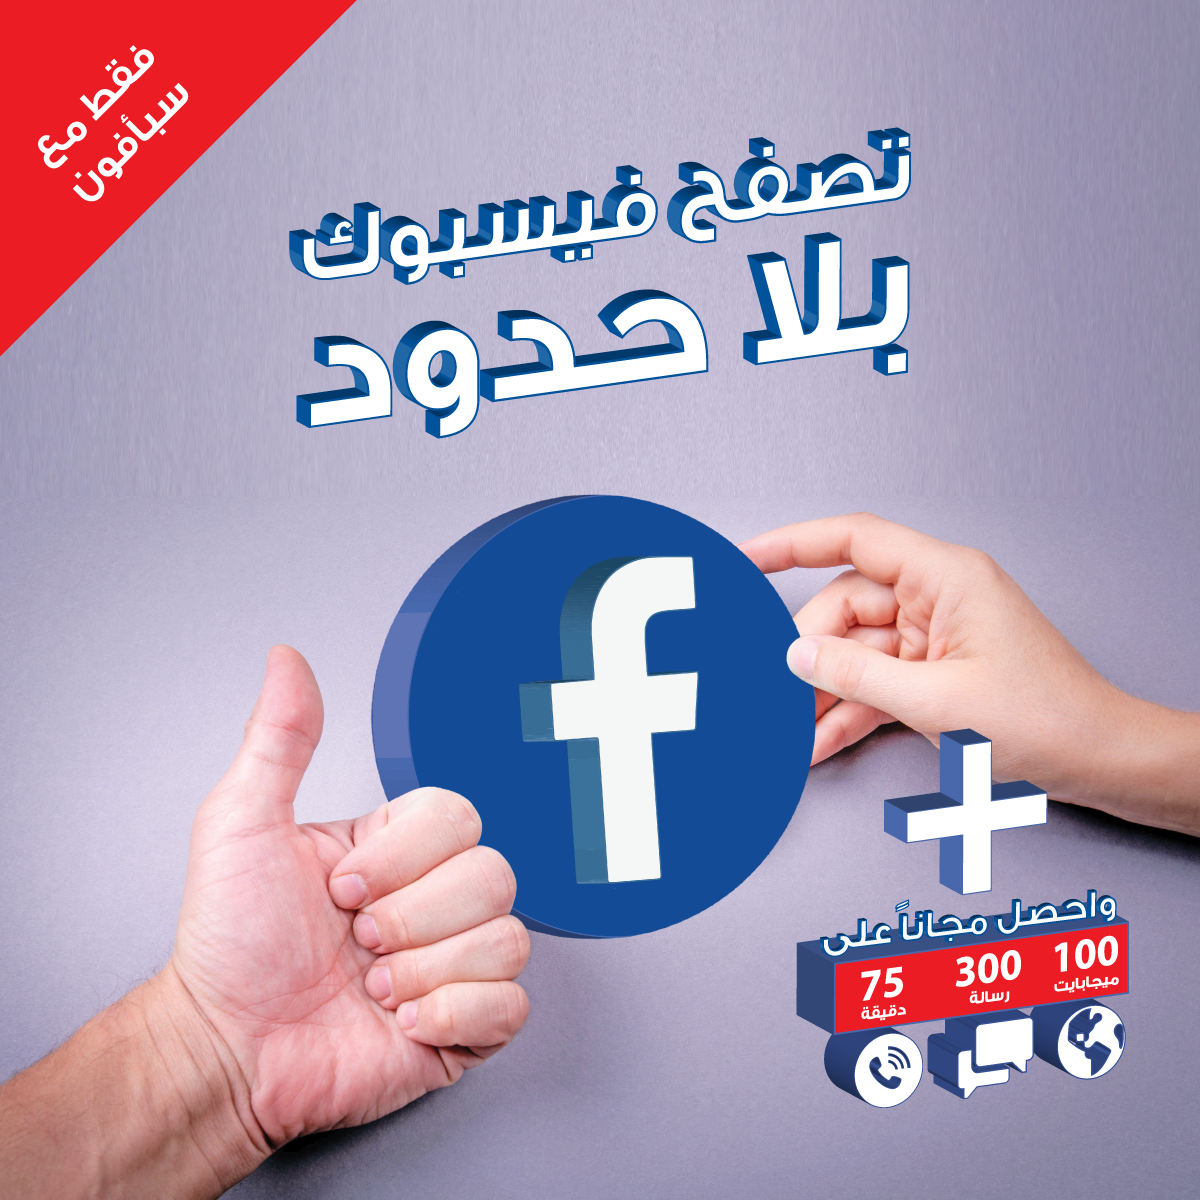 فيسبوك بلاس فيسبوك بلاس باقة جديدة من سبأفون تحتوي على مزايا مجانية فيسبوك لامحدود بالإضافة إلى دقائق وانترنت ورسائل إلى Allianz Logo Calm Artwork Business